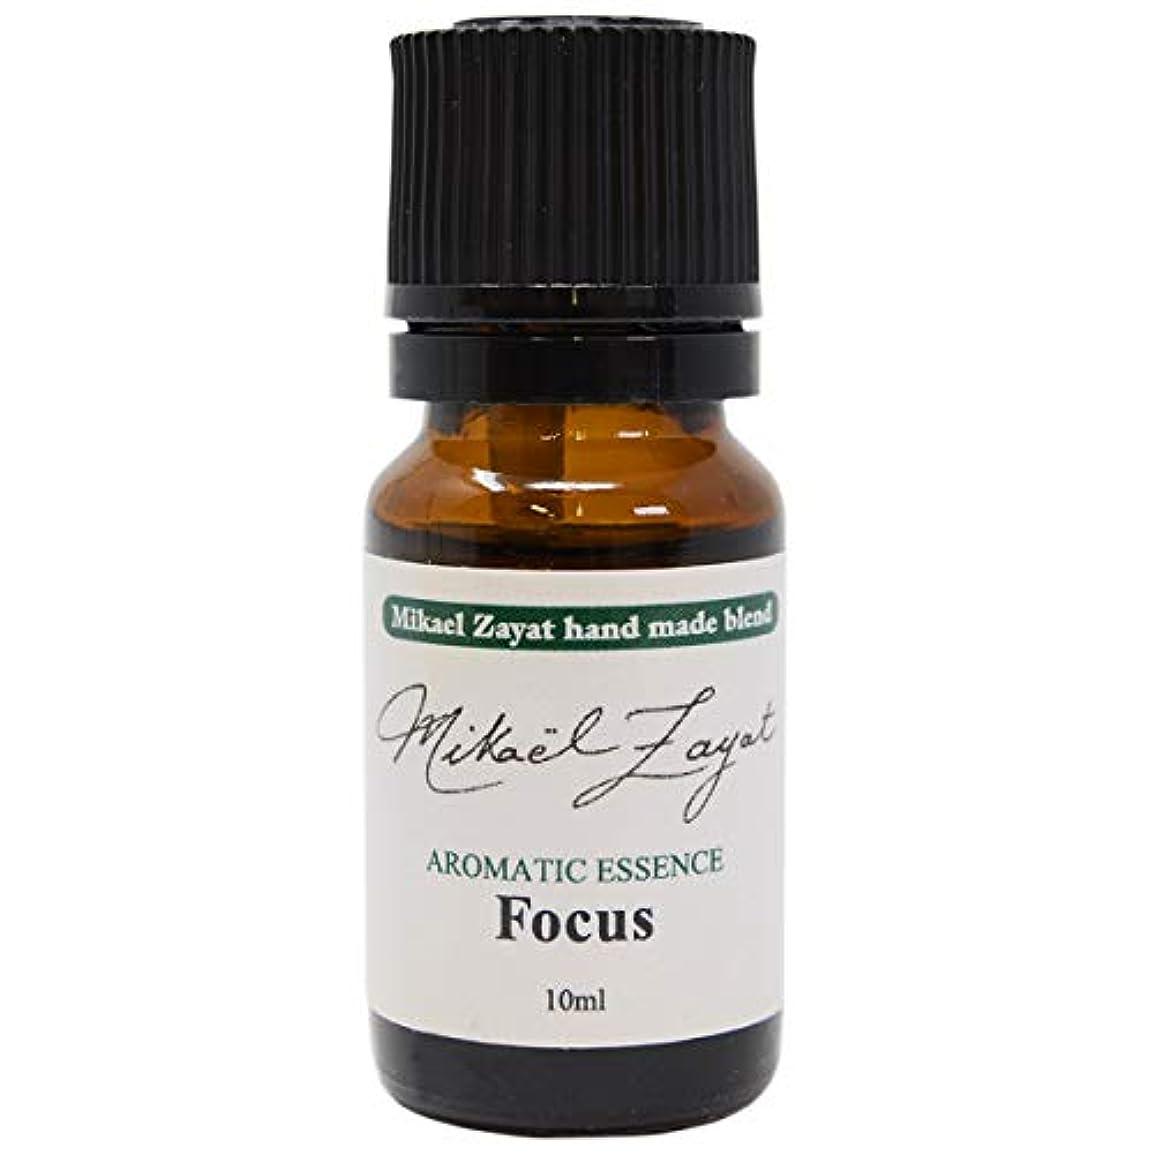 普及ベンチ等ミカエルザヤット フォーカス Focus 10ml Mikael Zayat hand made blend